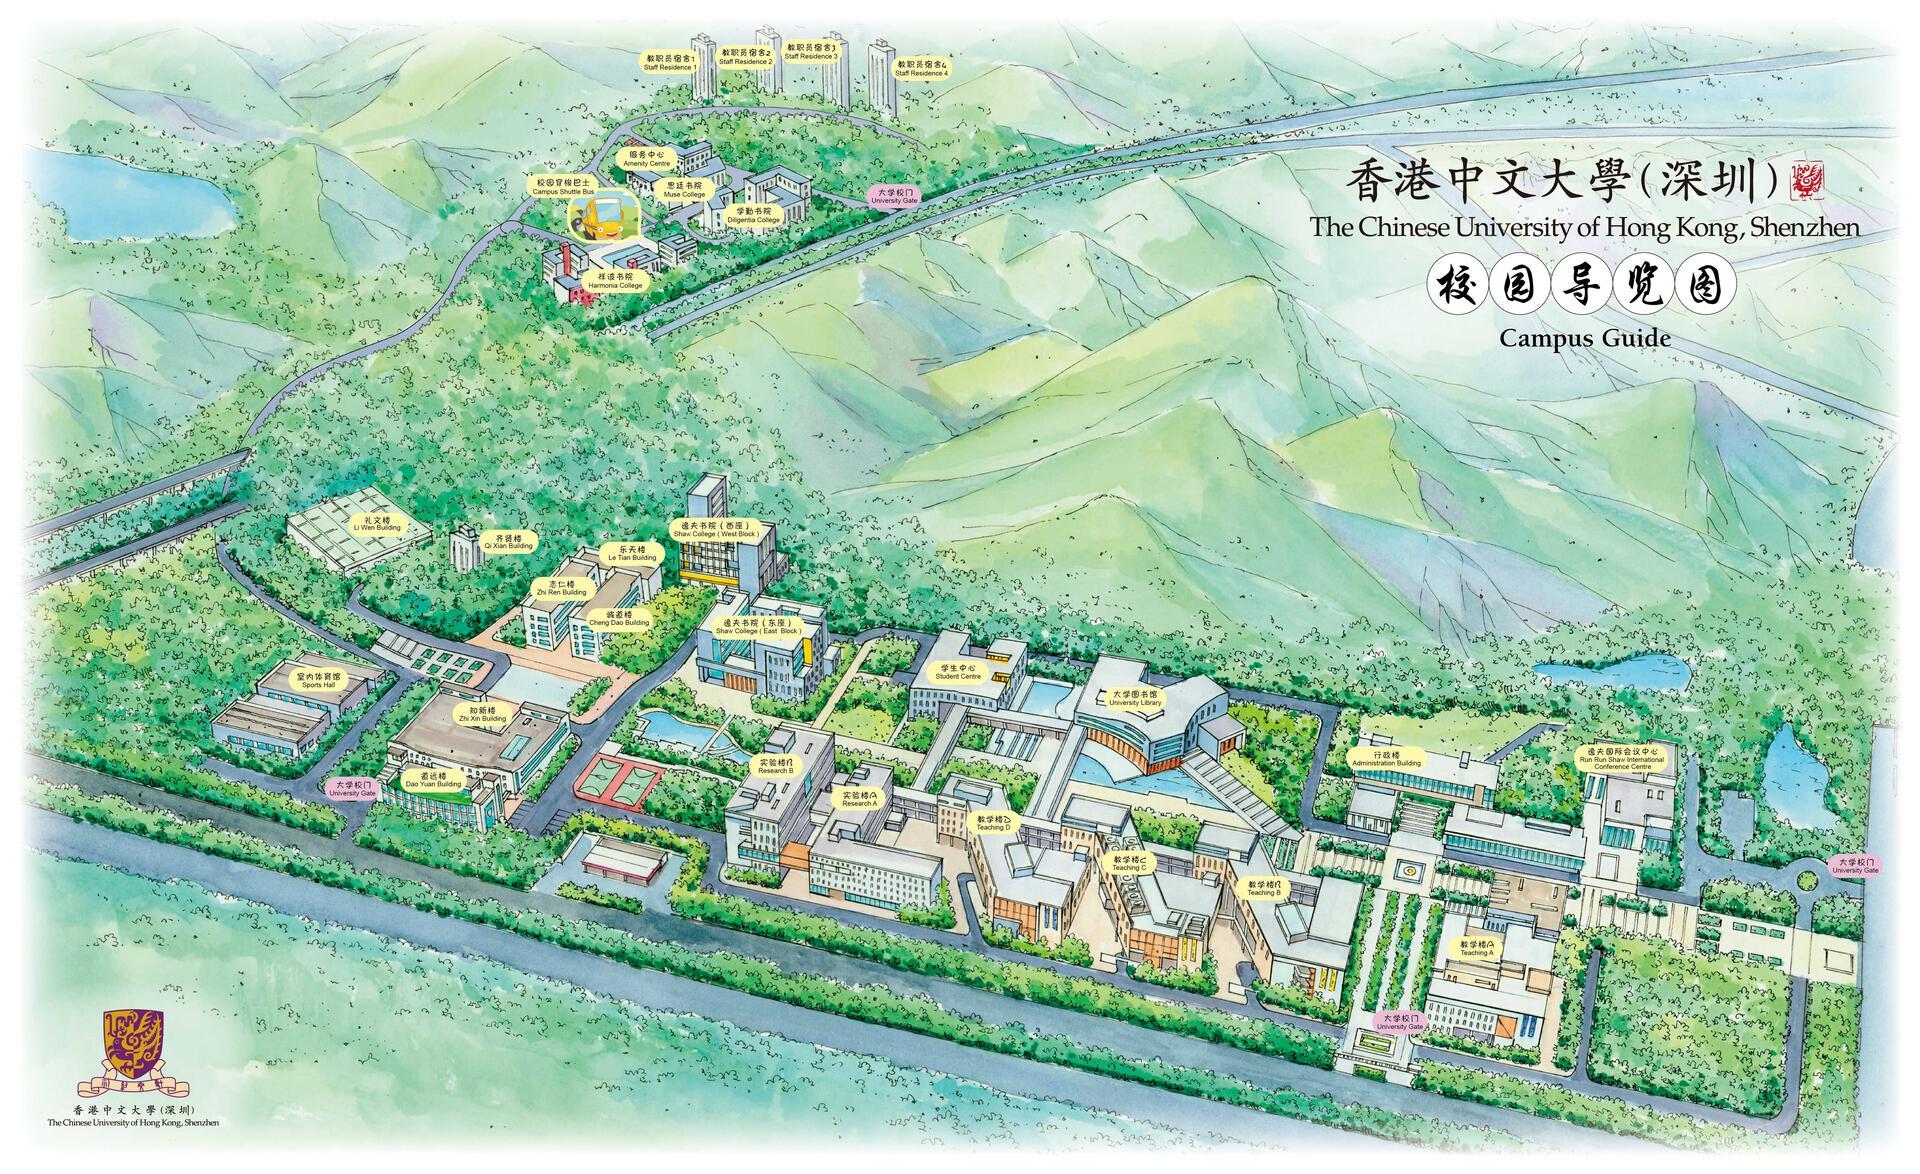 香港中文大学(深圳)的地图,公共教学楼在中下方